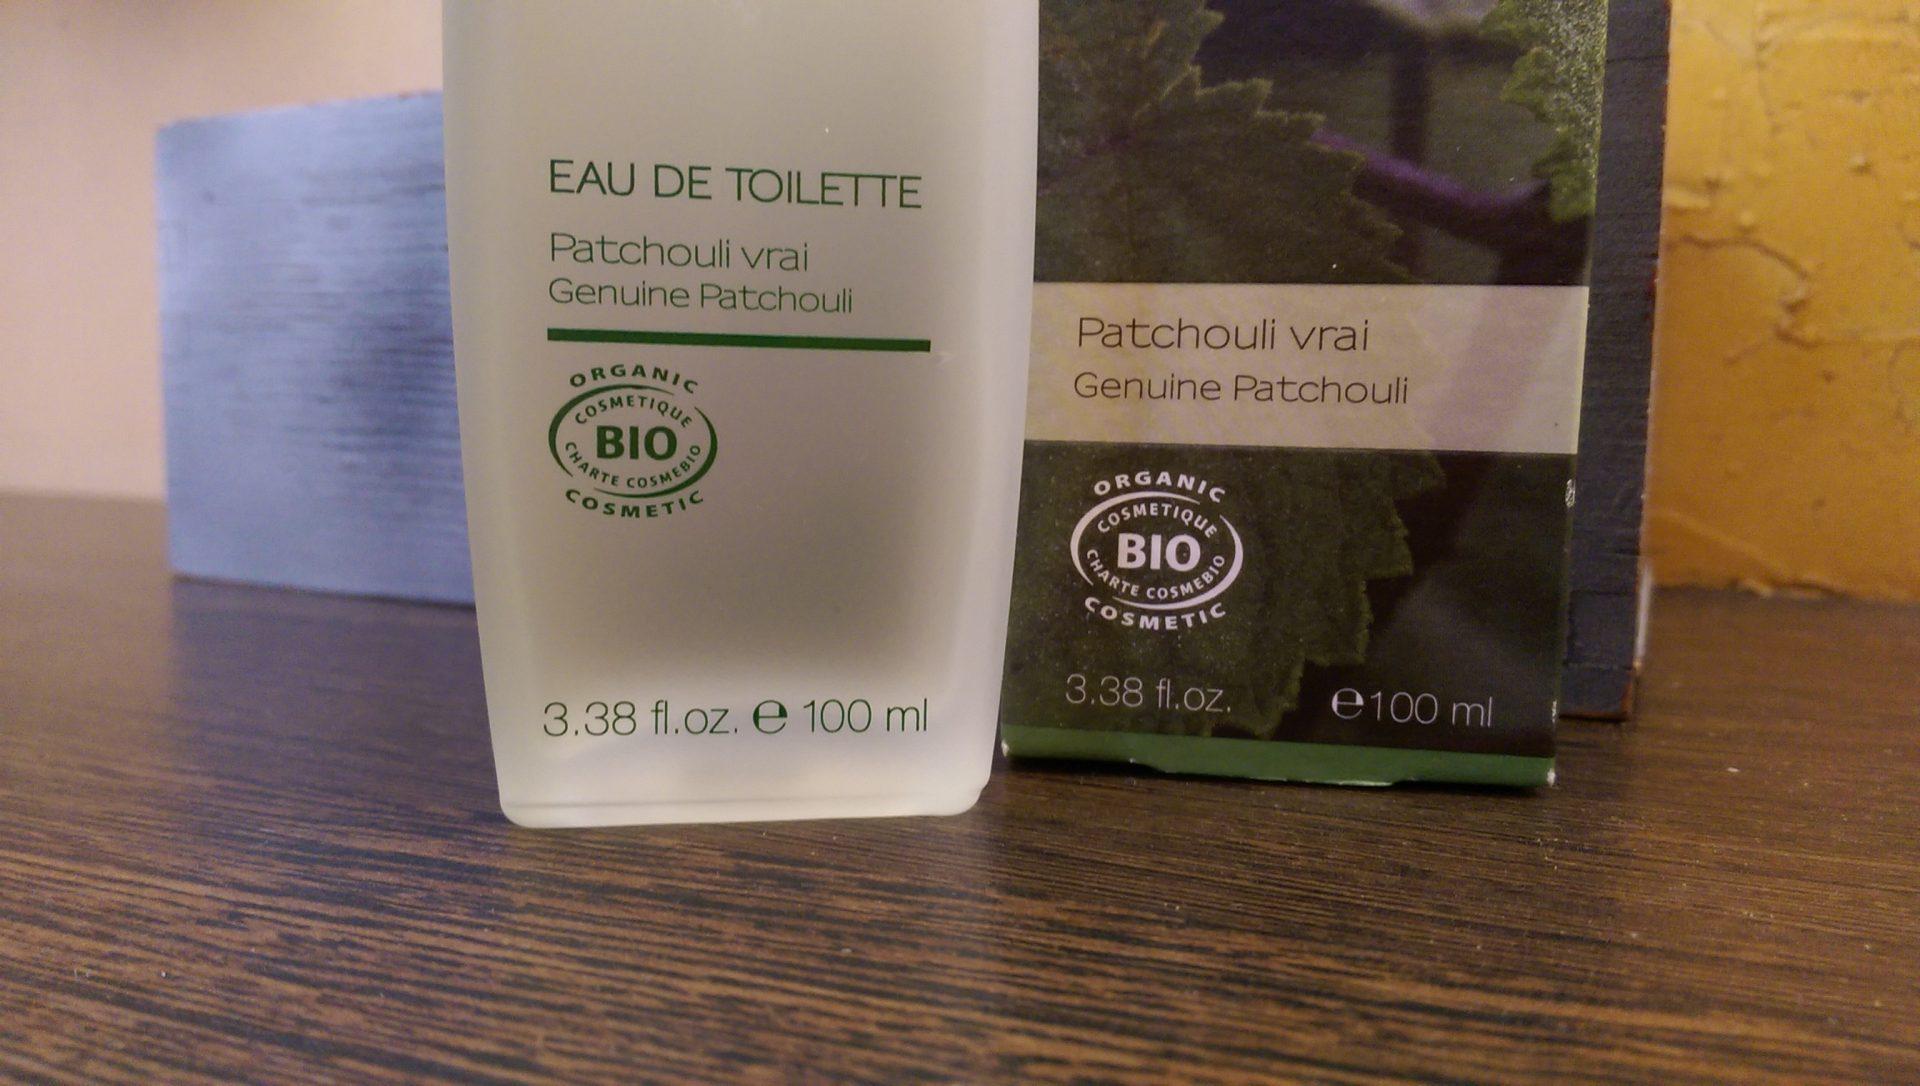 Prépare ton vanity - Crédit photo izart.fr